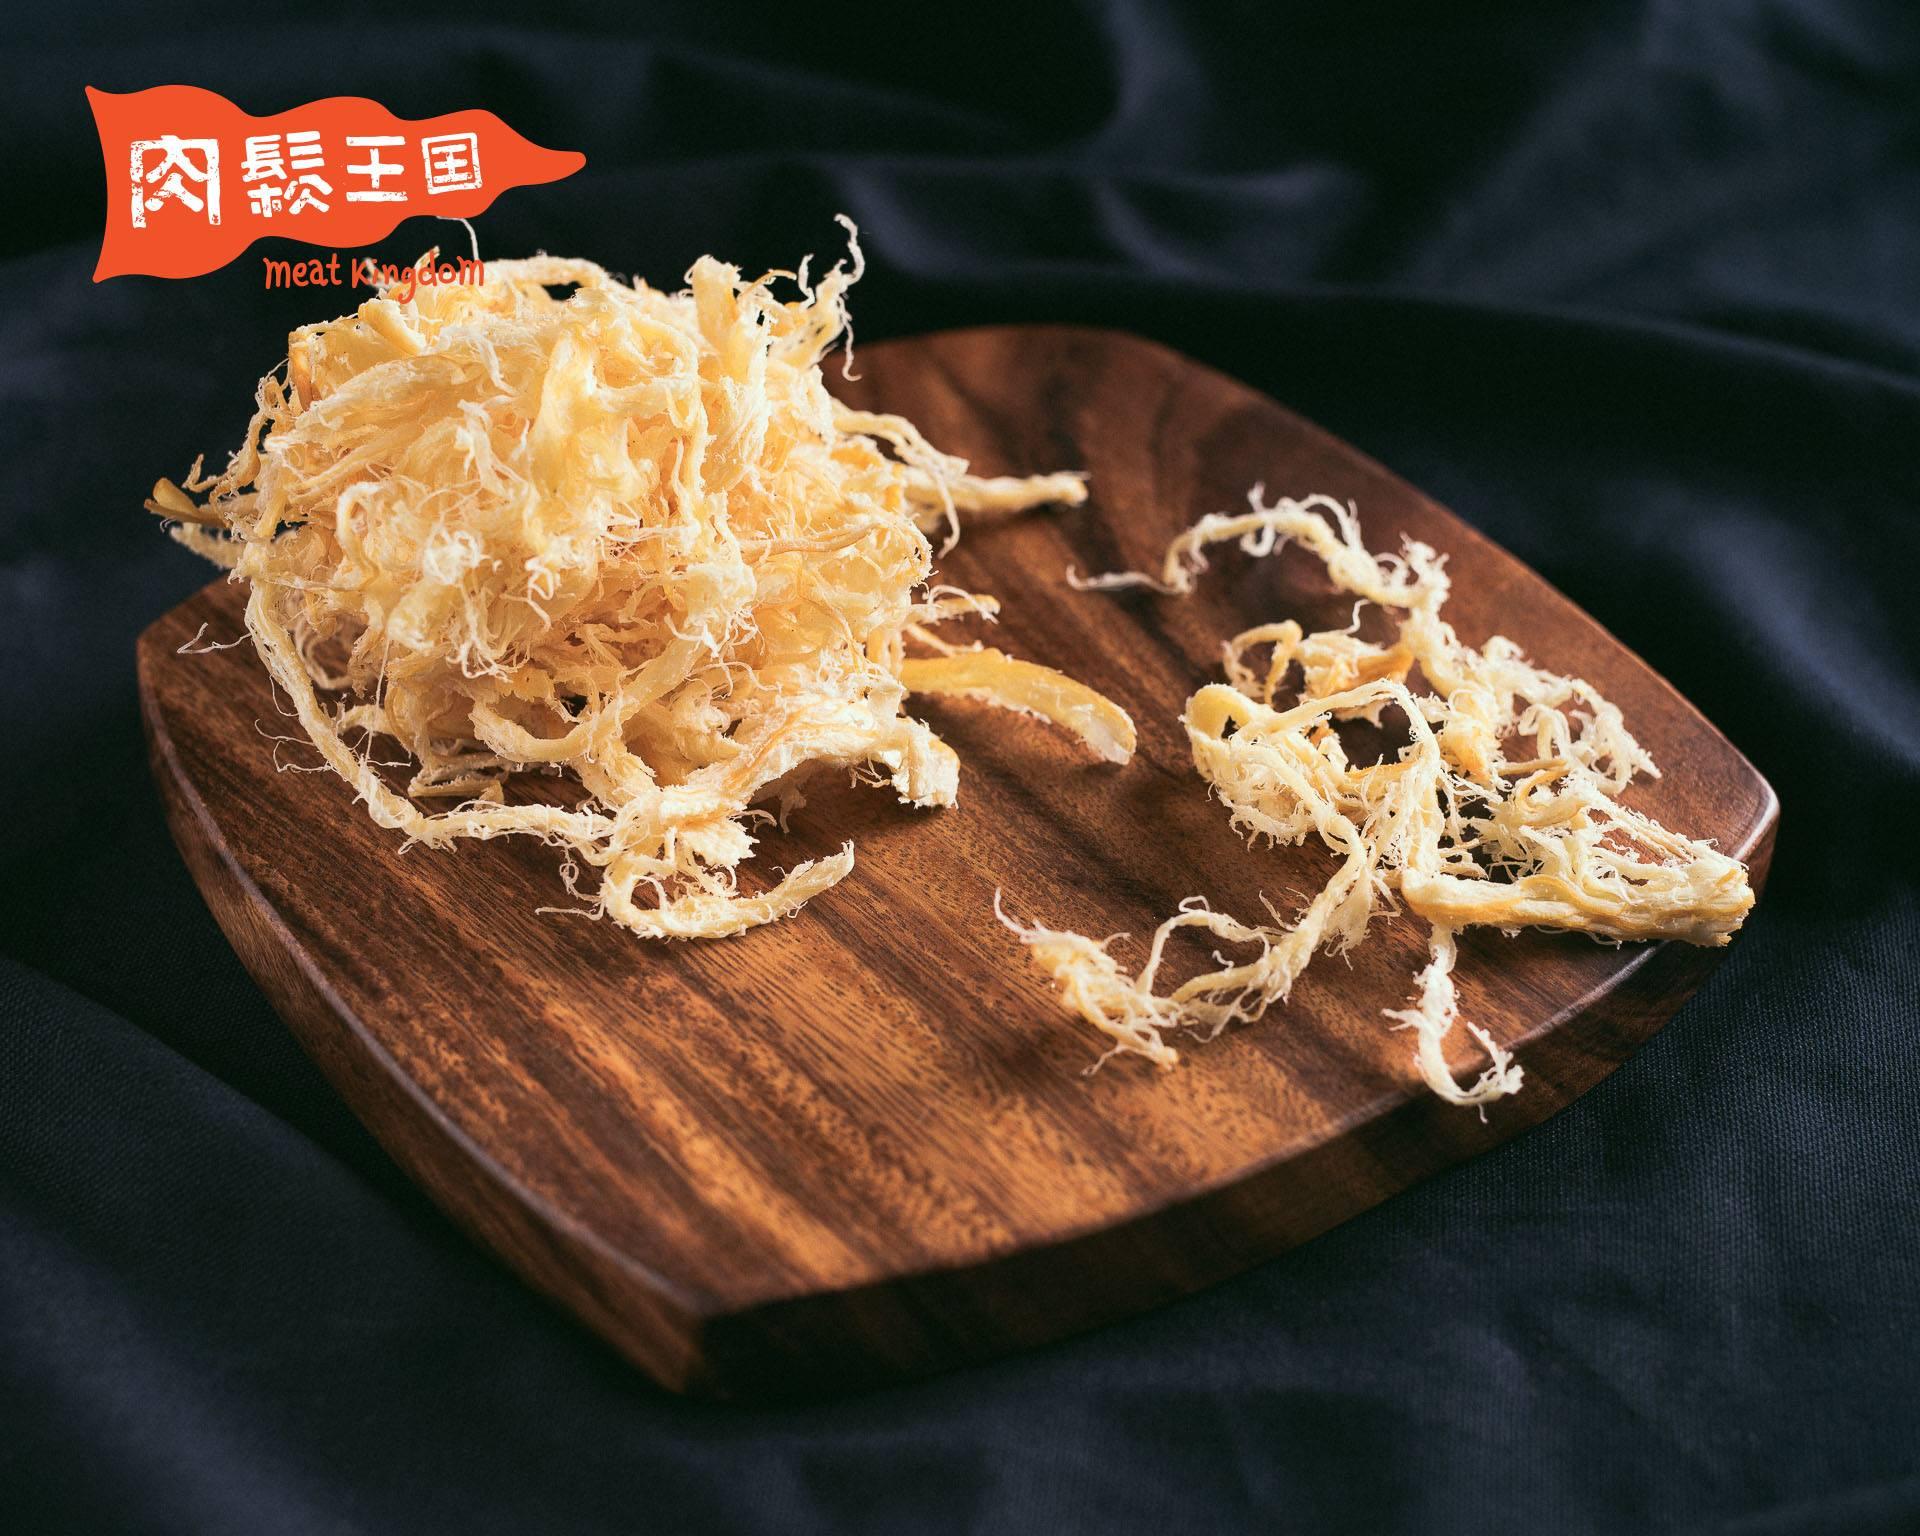 肉鬆王國 『蜜汁魷魚絲』☞新鮮微甜☞國王放鬆包 75g±10g